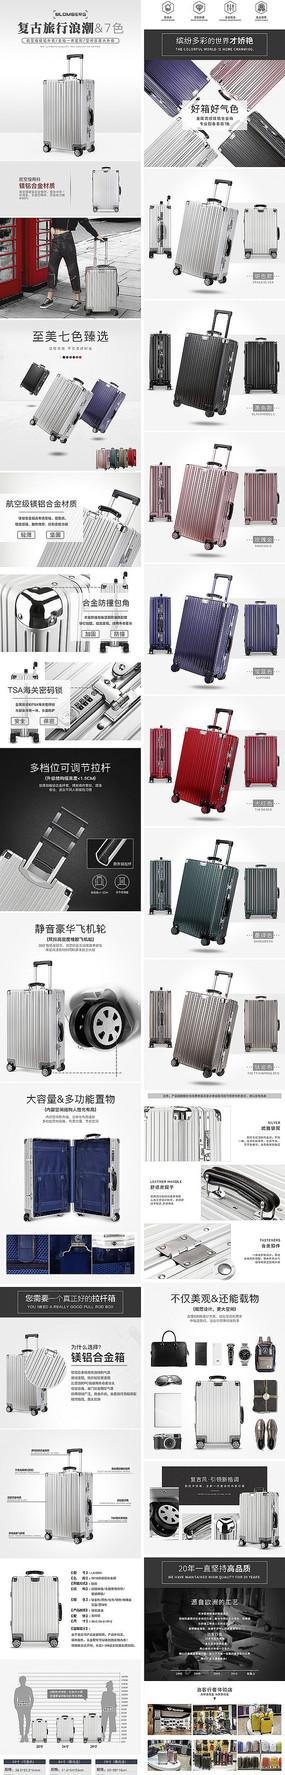 行李箱详情页